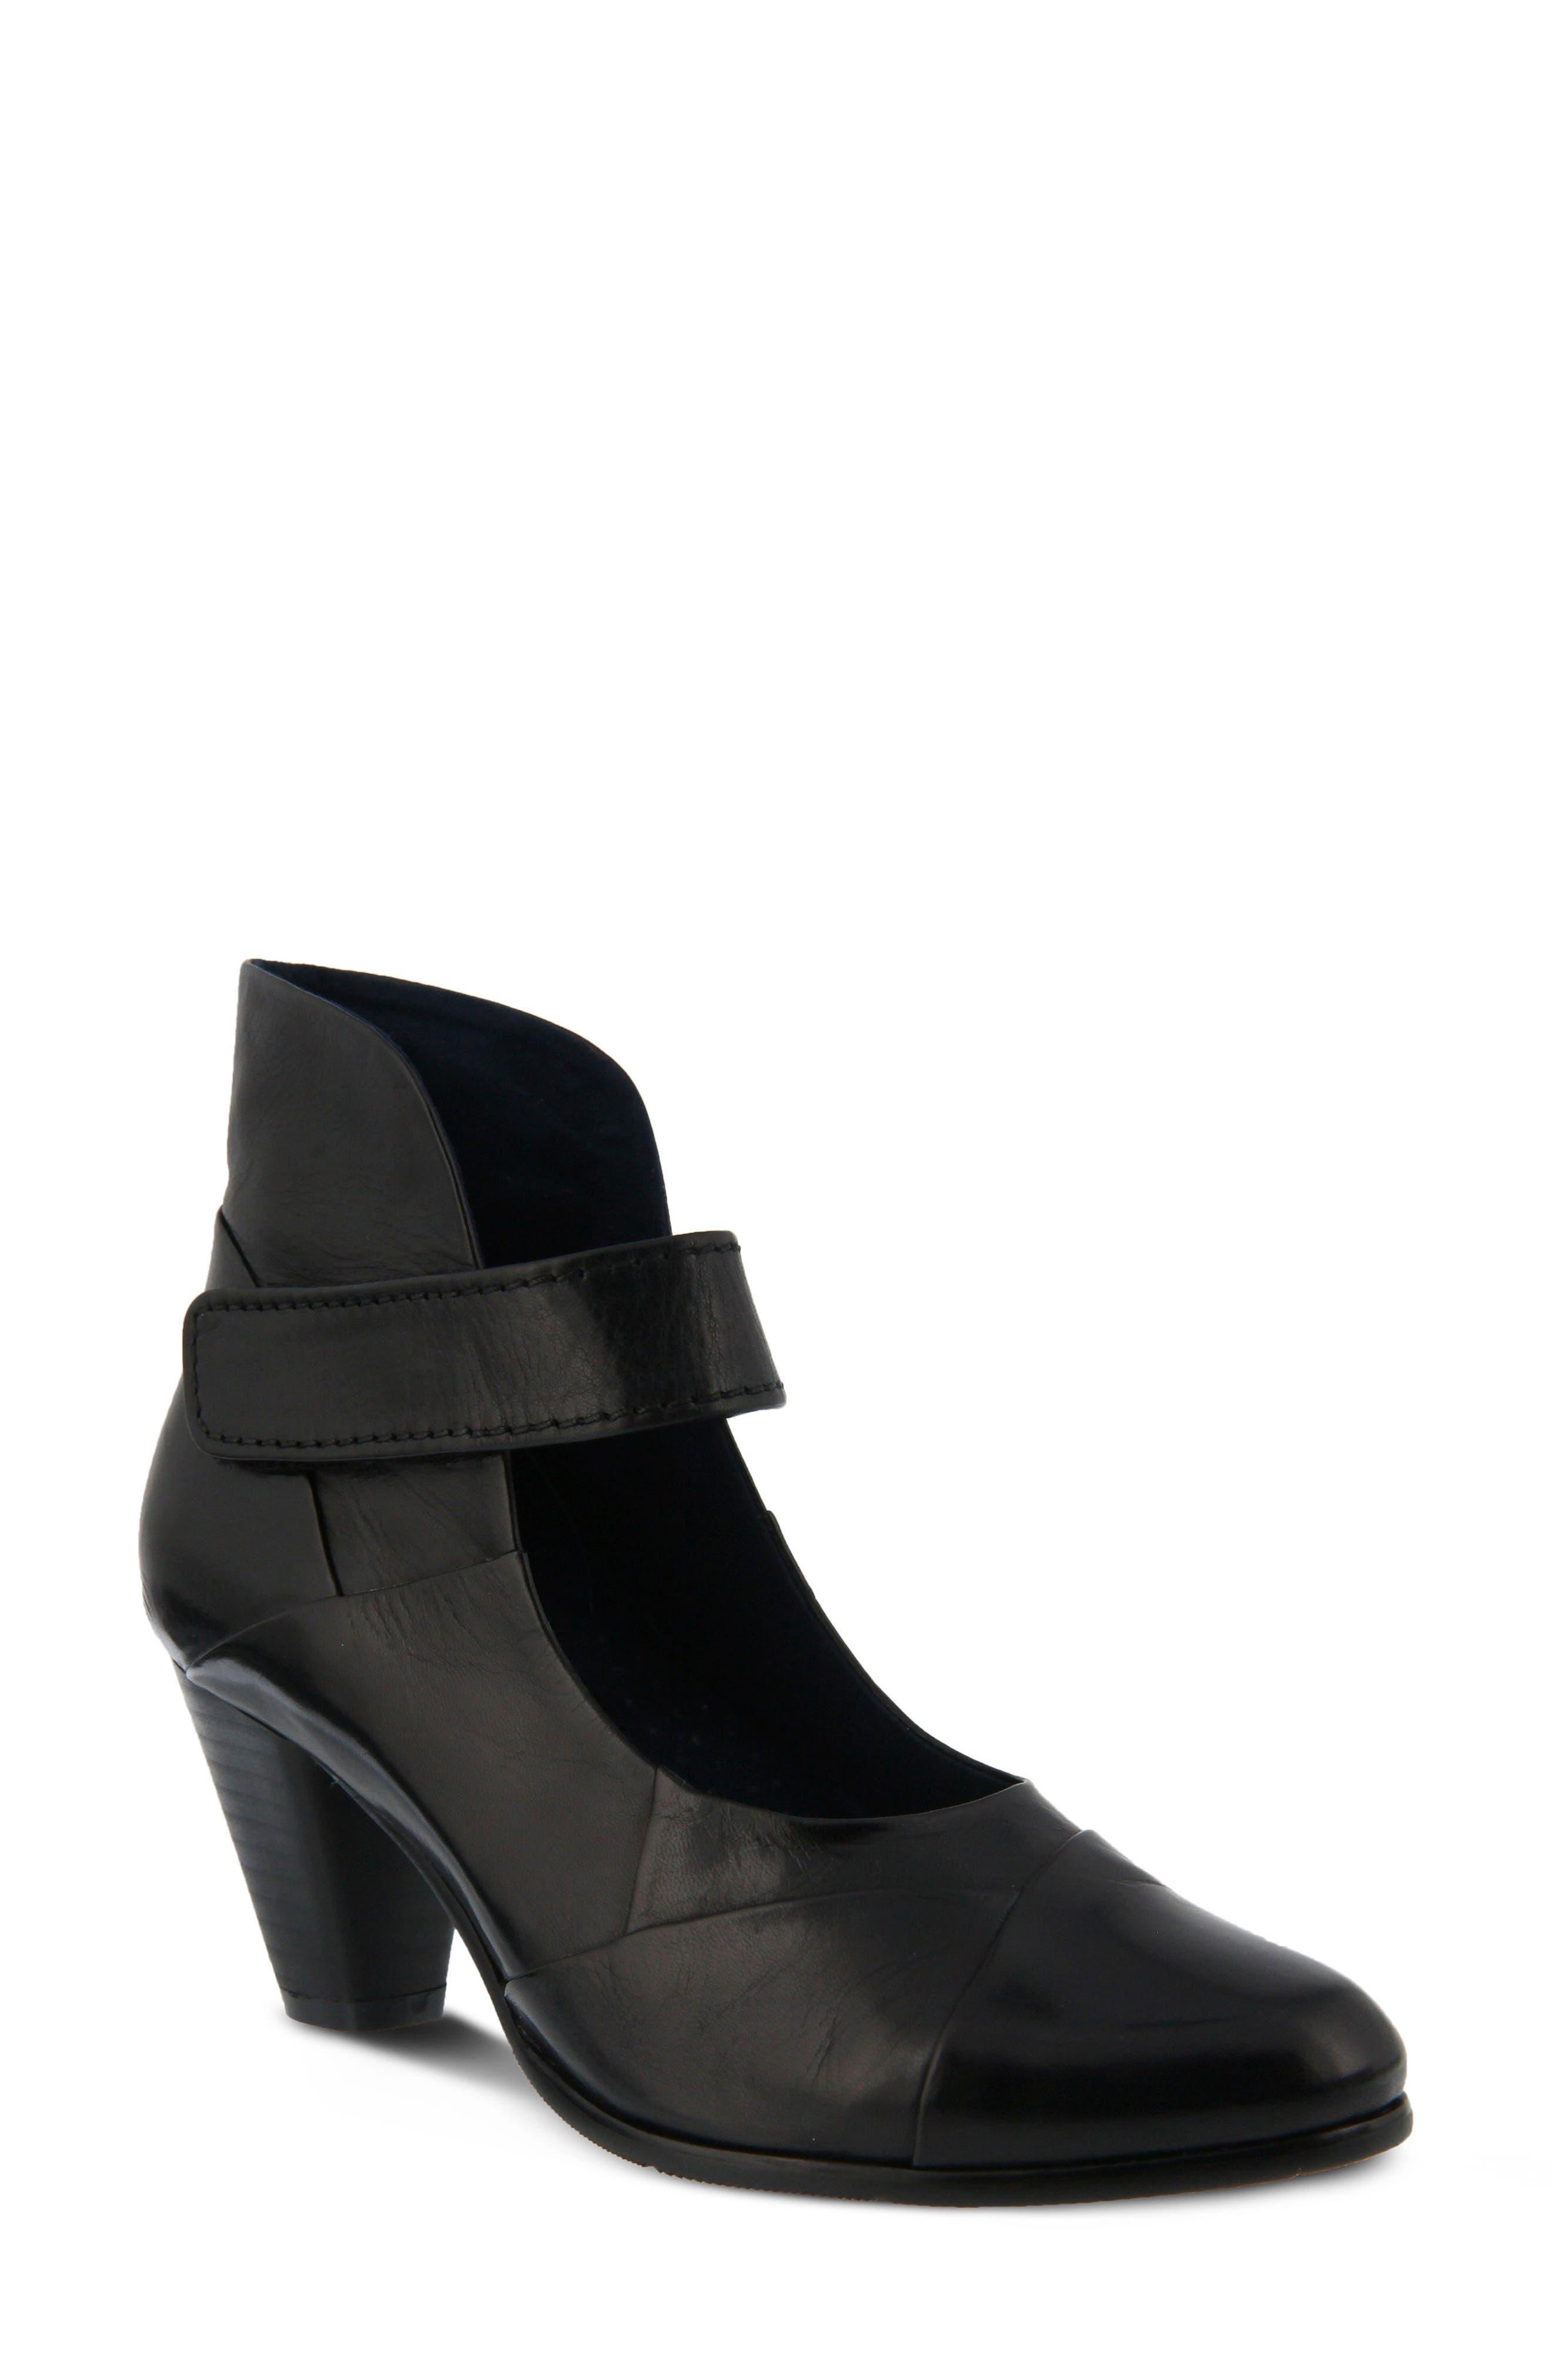 Chapeco Patchwork Ankle Strap Pump,                             Main thumbnail 1, color,                             Black Leather